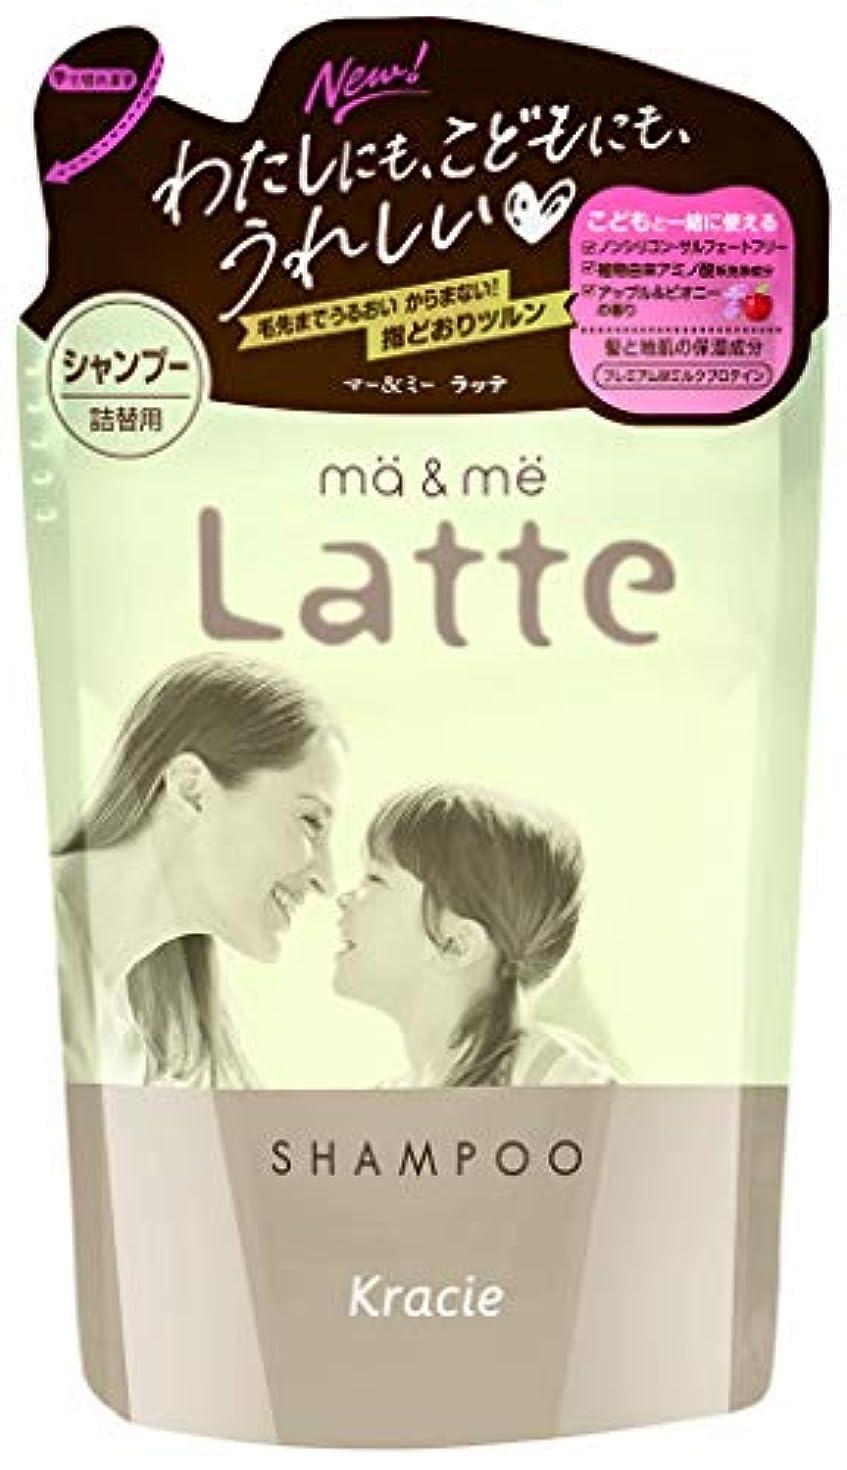 さまよう支配的消すマー&ミーLatte シャンプー詰替360mL プレミアムWミルクプロテイン配合(アップル&ピオニーの香り)